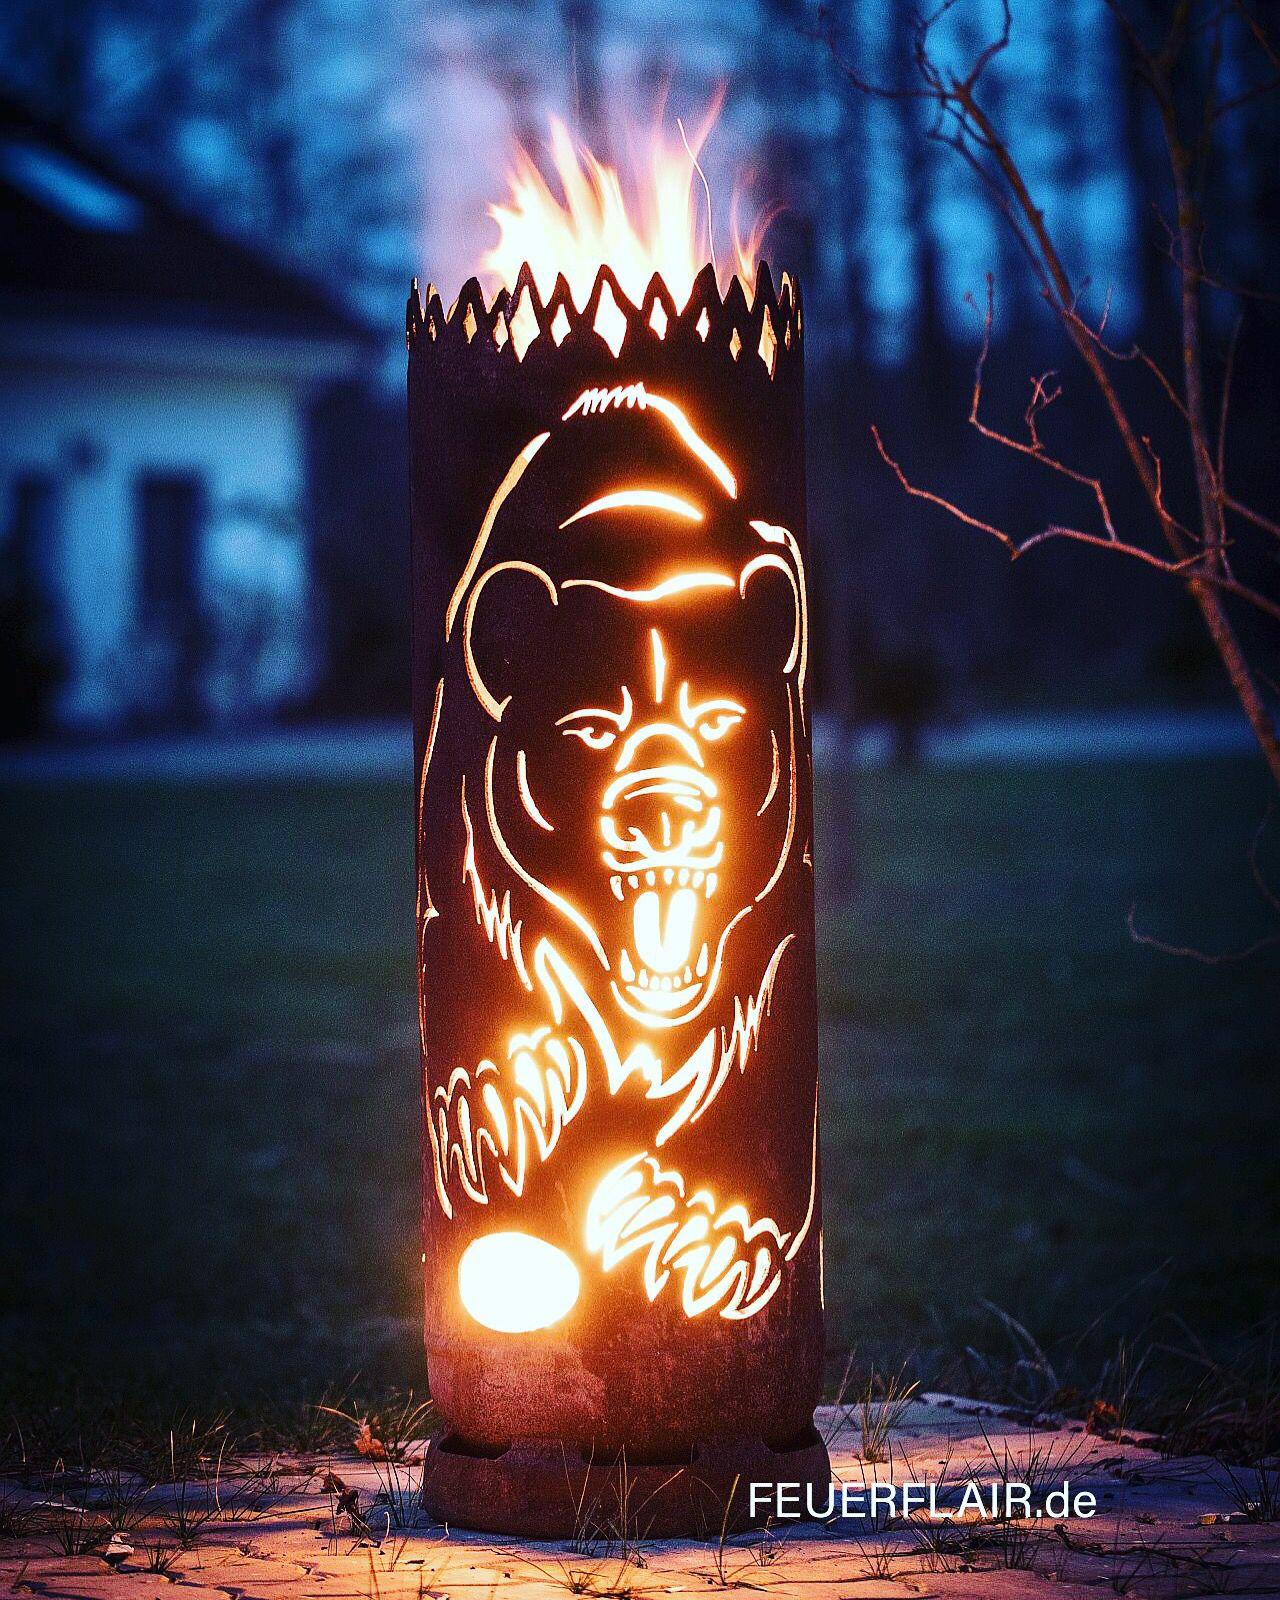 Feuertonne Grizzlybar Feuertonnen Metallfeuerstelle Feuerstelle Garten